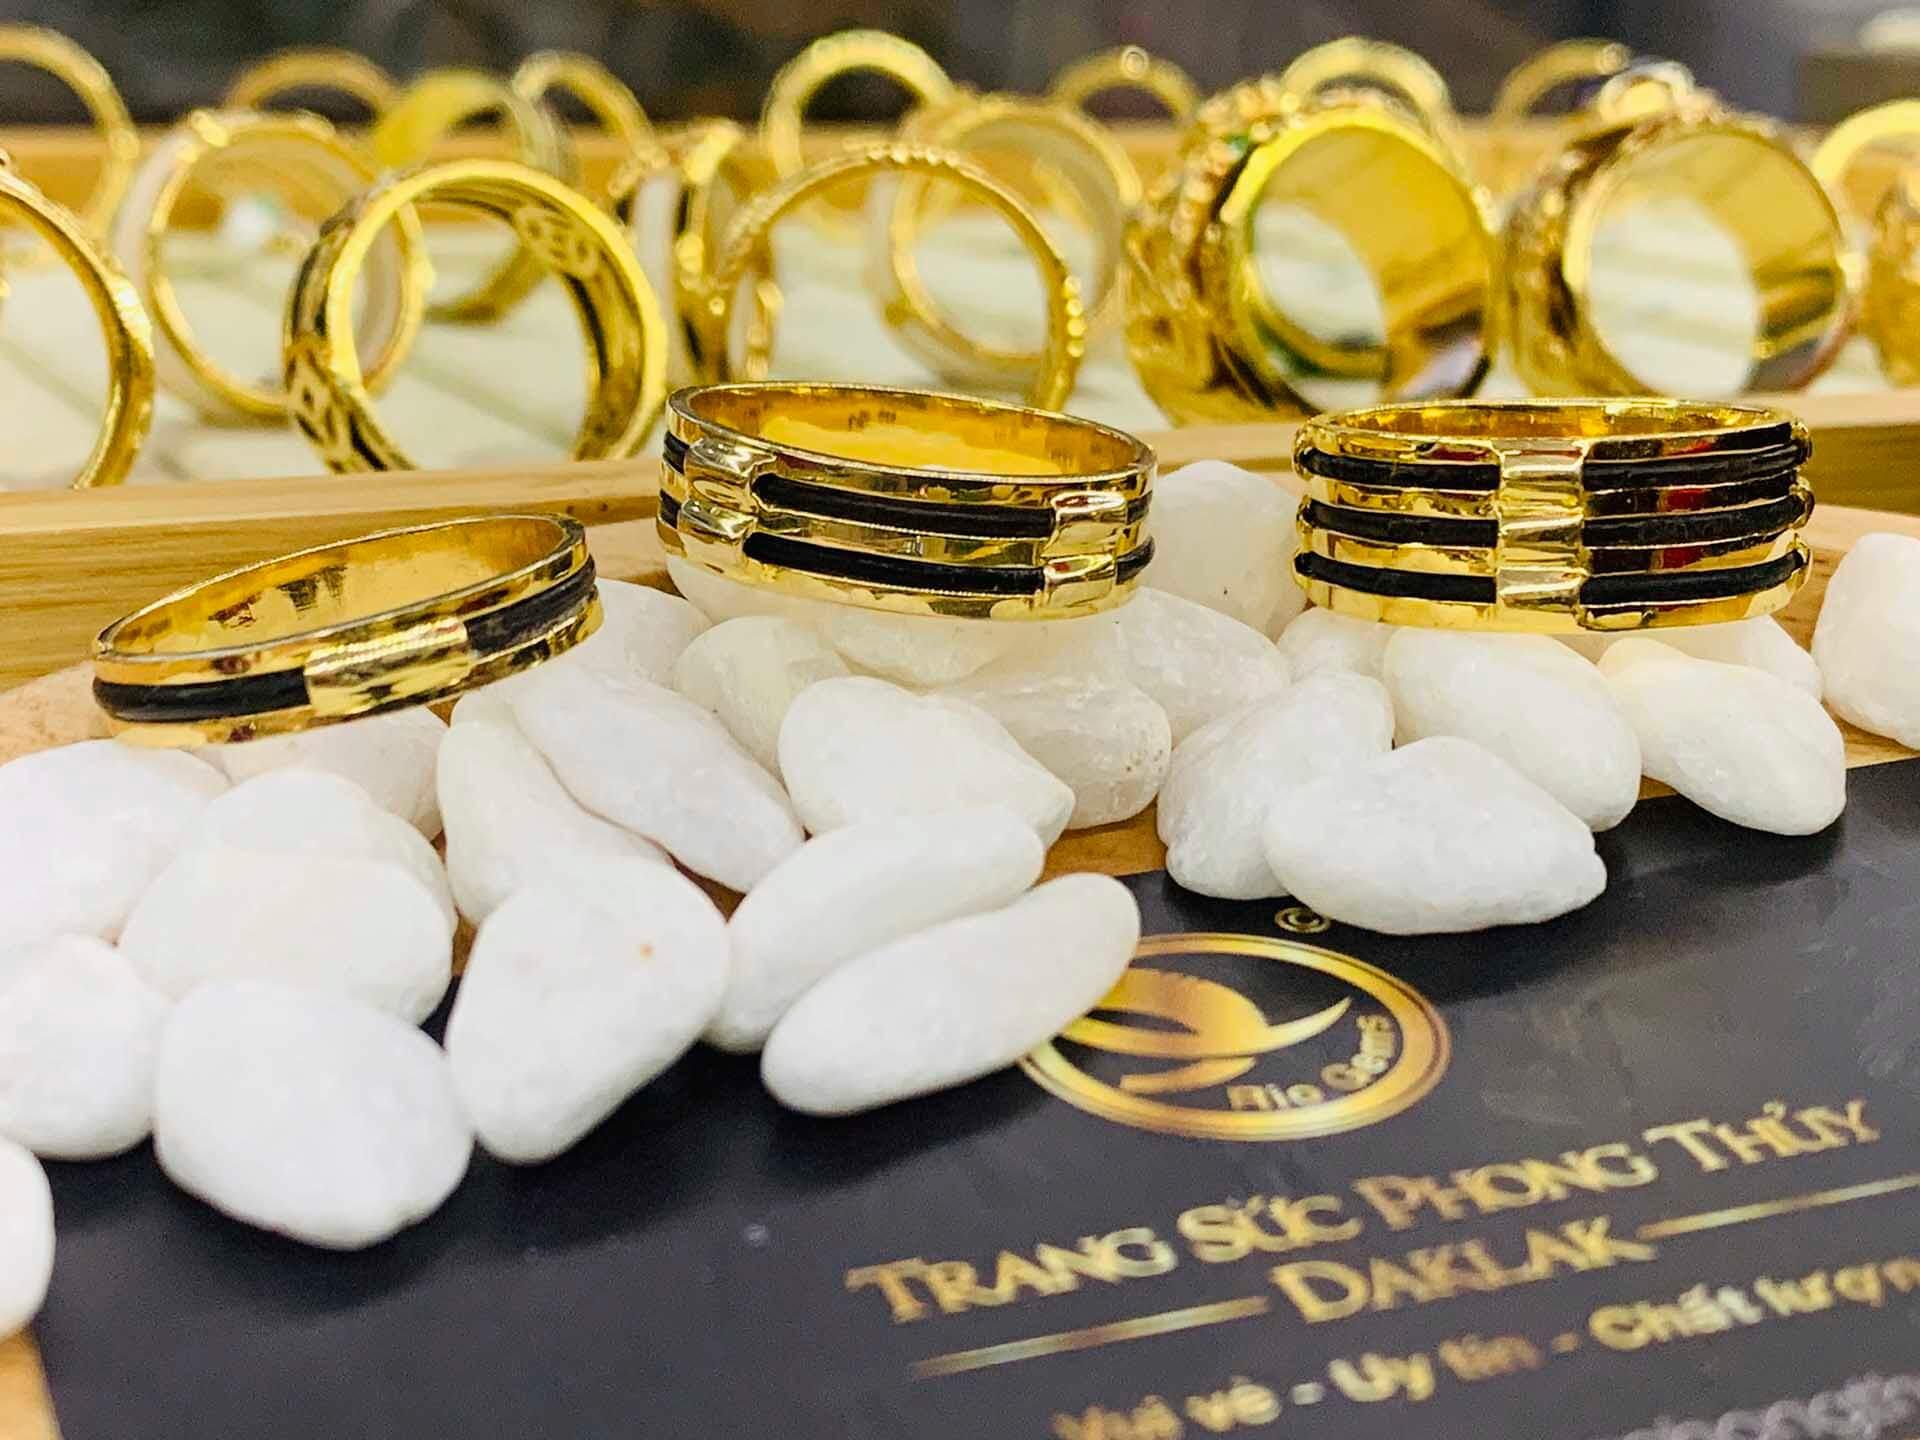 Nhẫn nam vàng 18K làm tay 3 sợi ngoài (lông FAKE) RIOGEMs mang đến may mắn